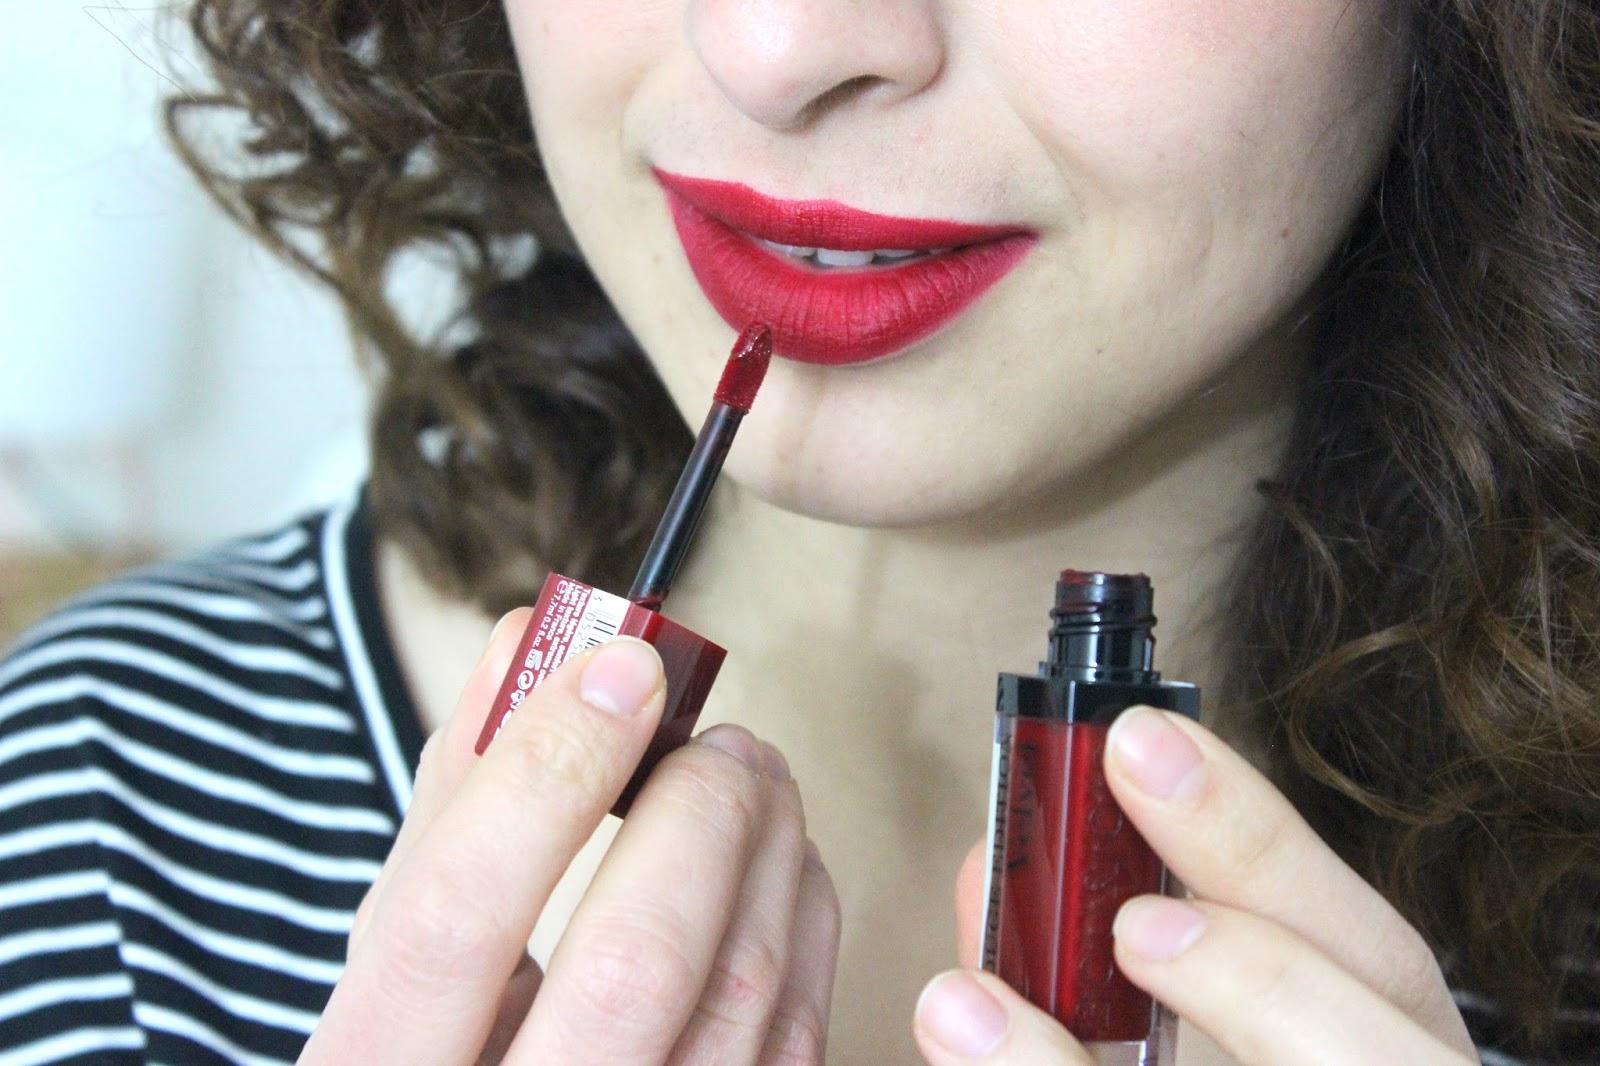 Grand De Edition Cet Hiver D'une Cru Le Blog Velvet Rouge OPiukXZ